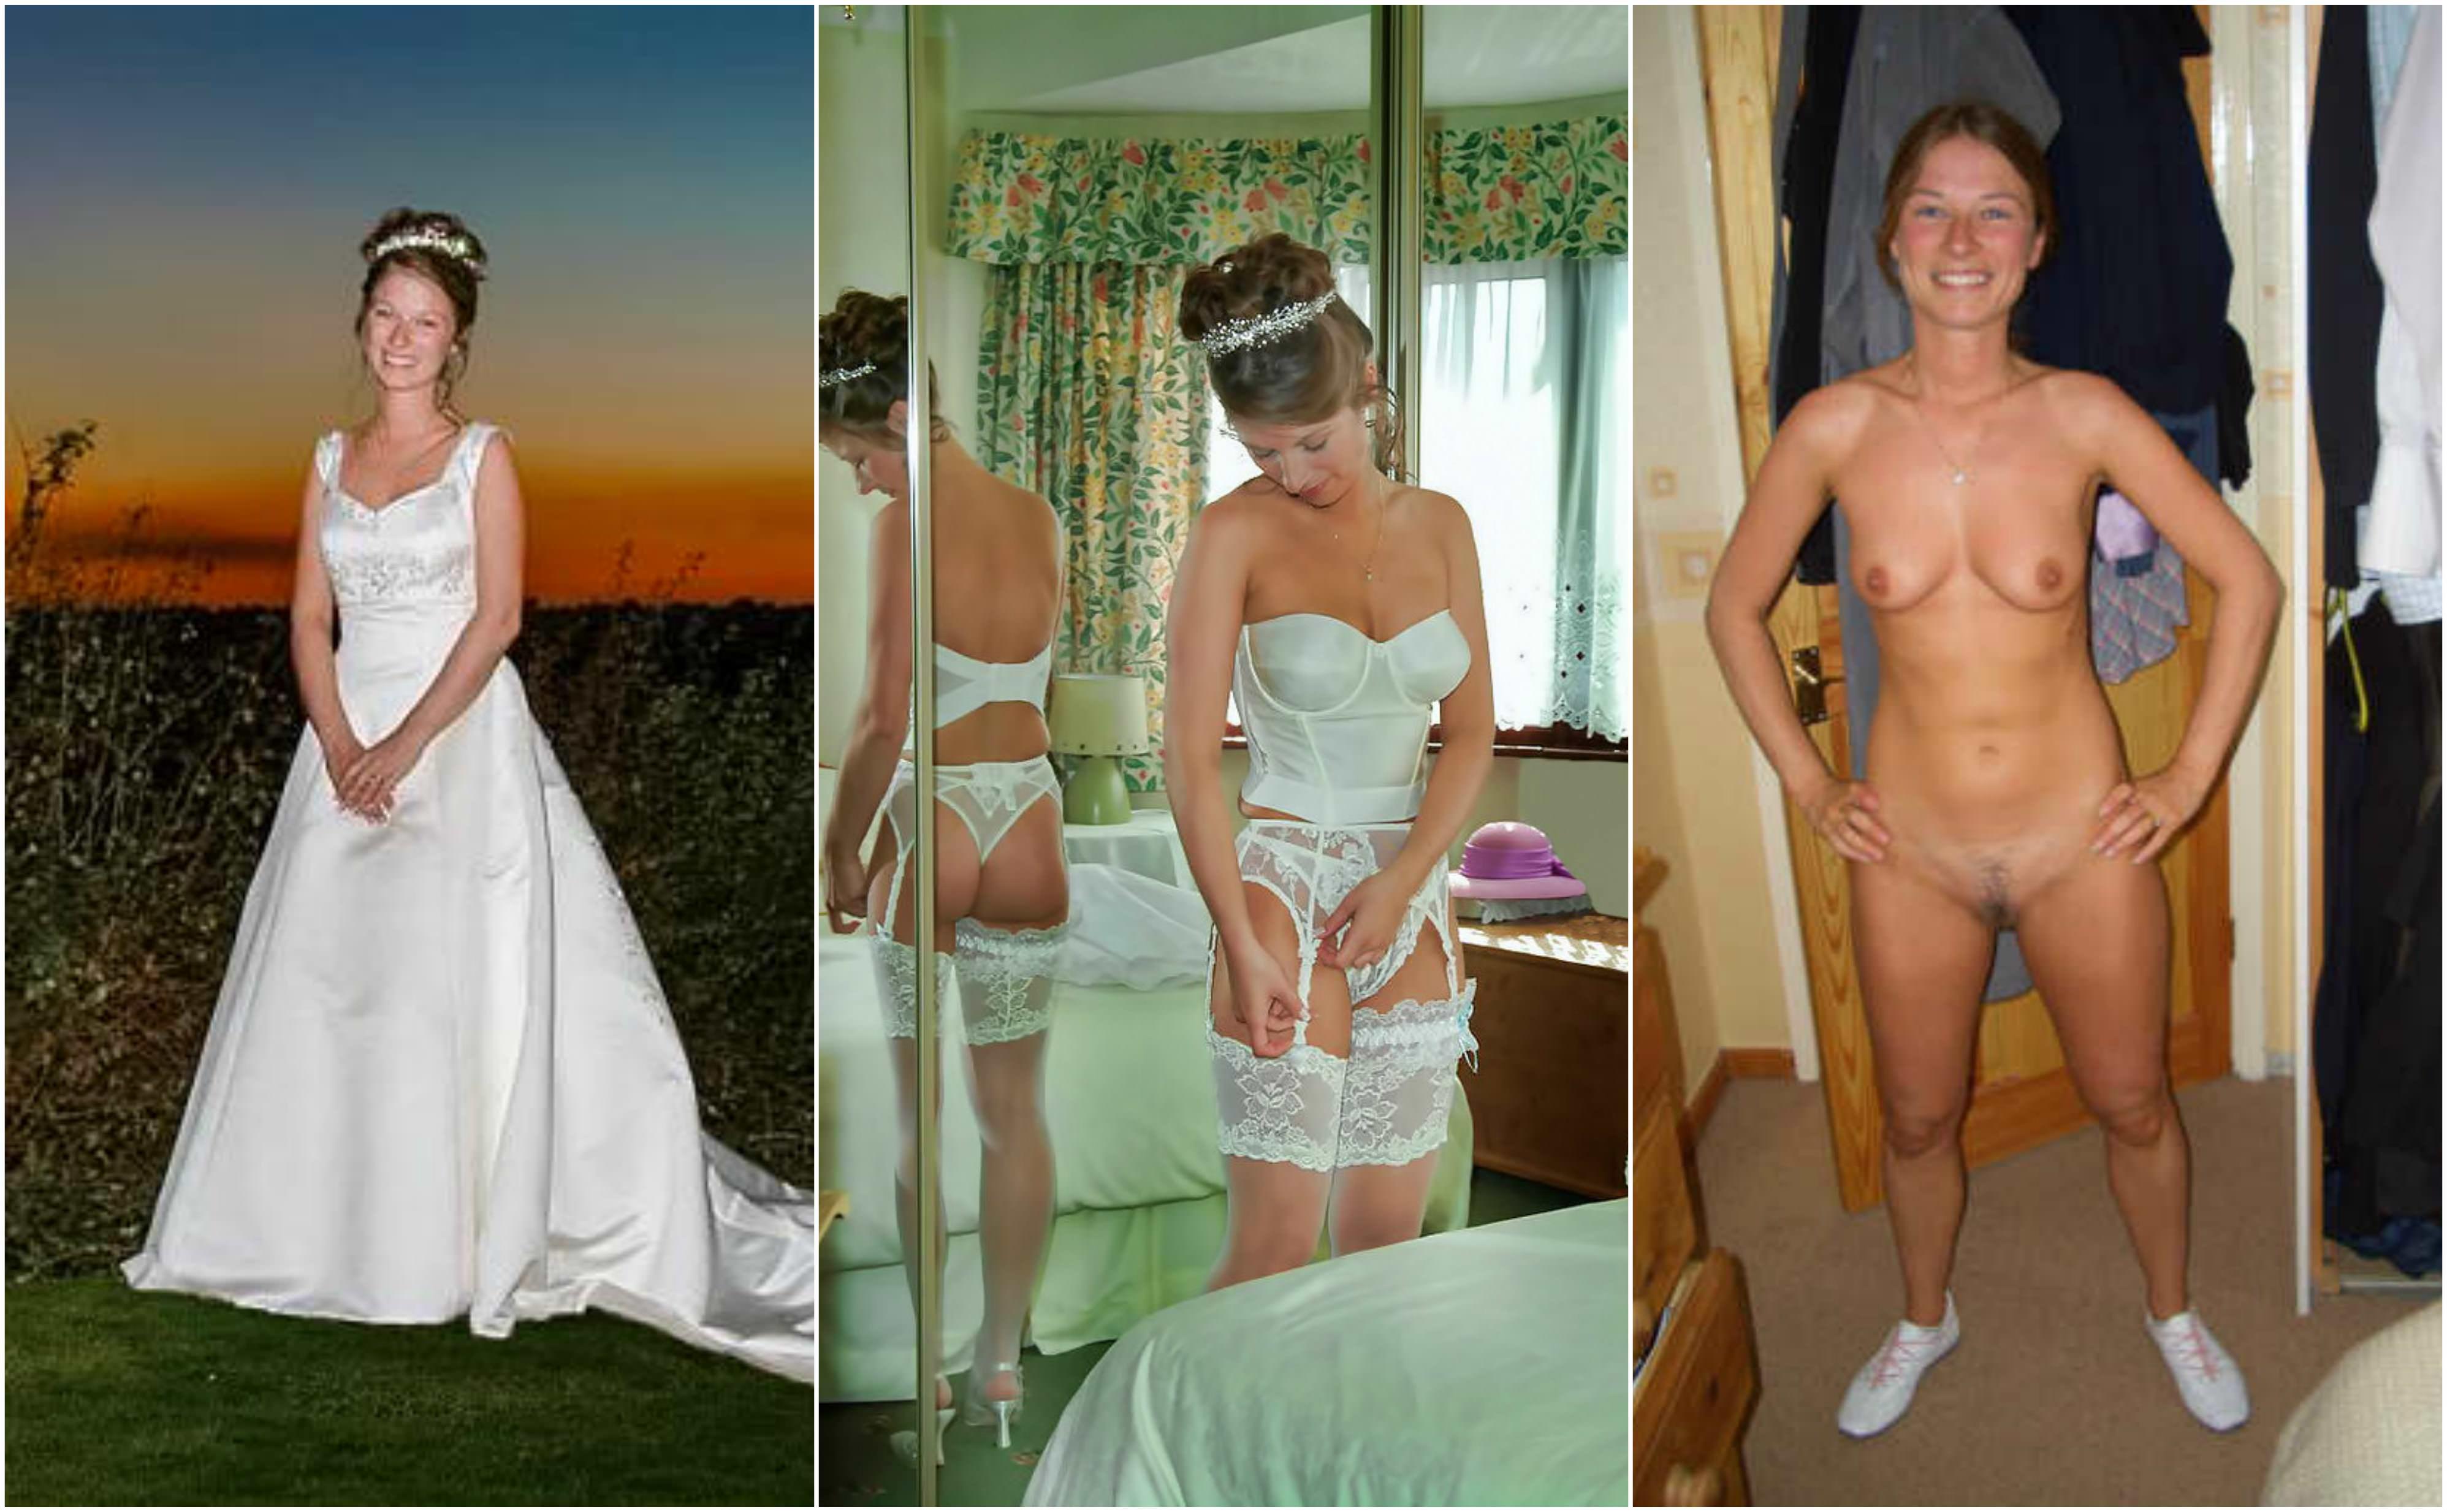 Naked asian women wide open